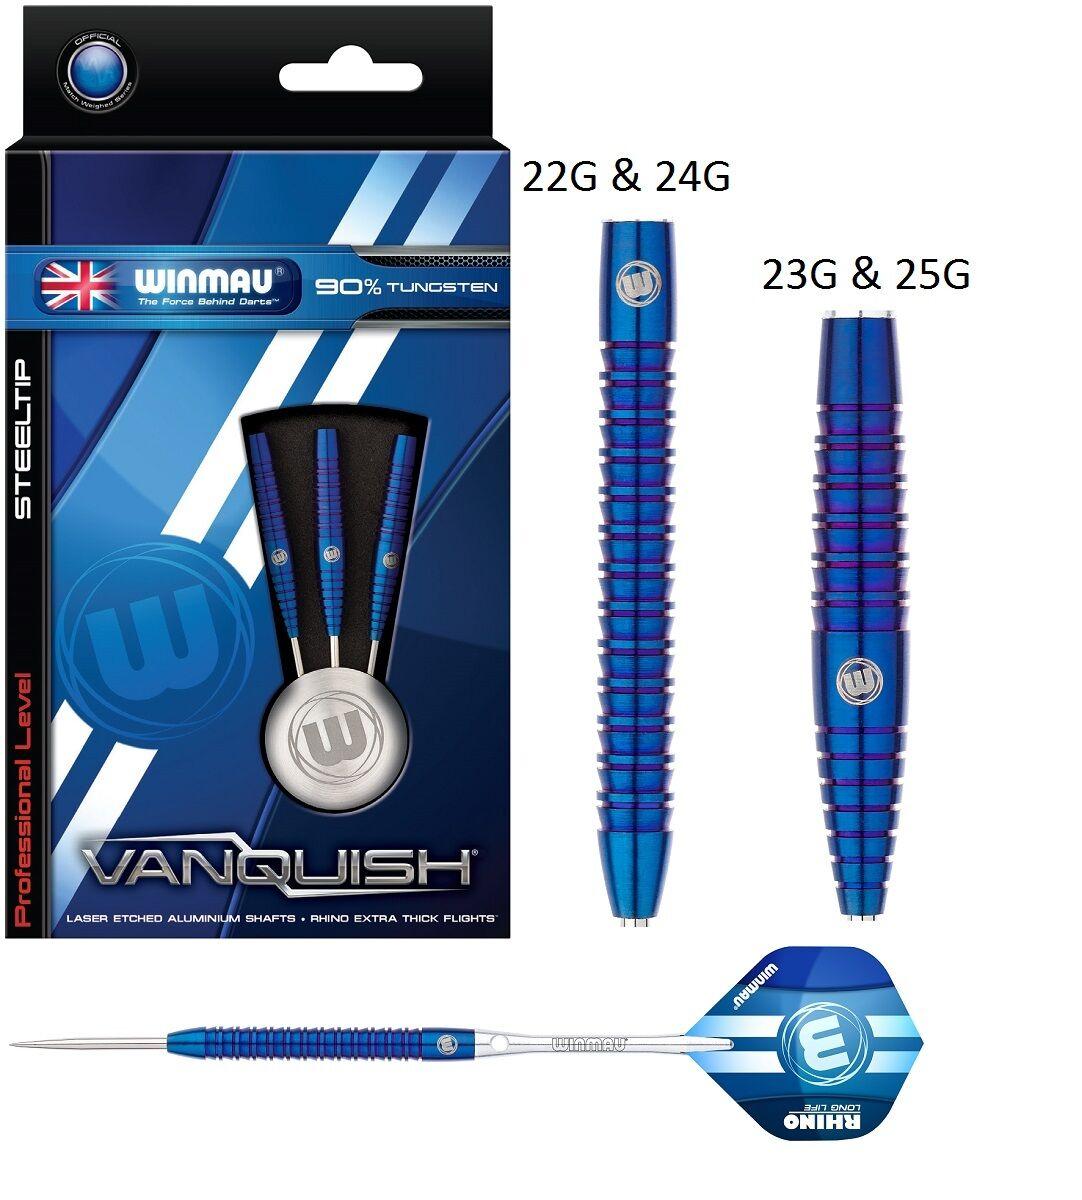 Winmau Vanquish 90% Tungsten Steel Tip Darts - bluee Titanium Nitride Coating